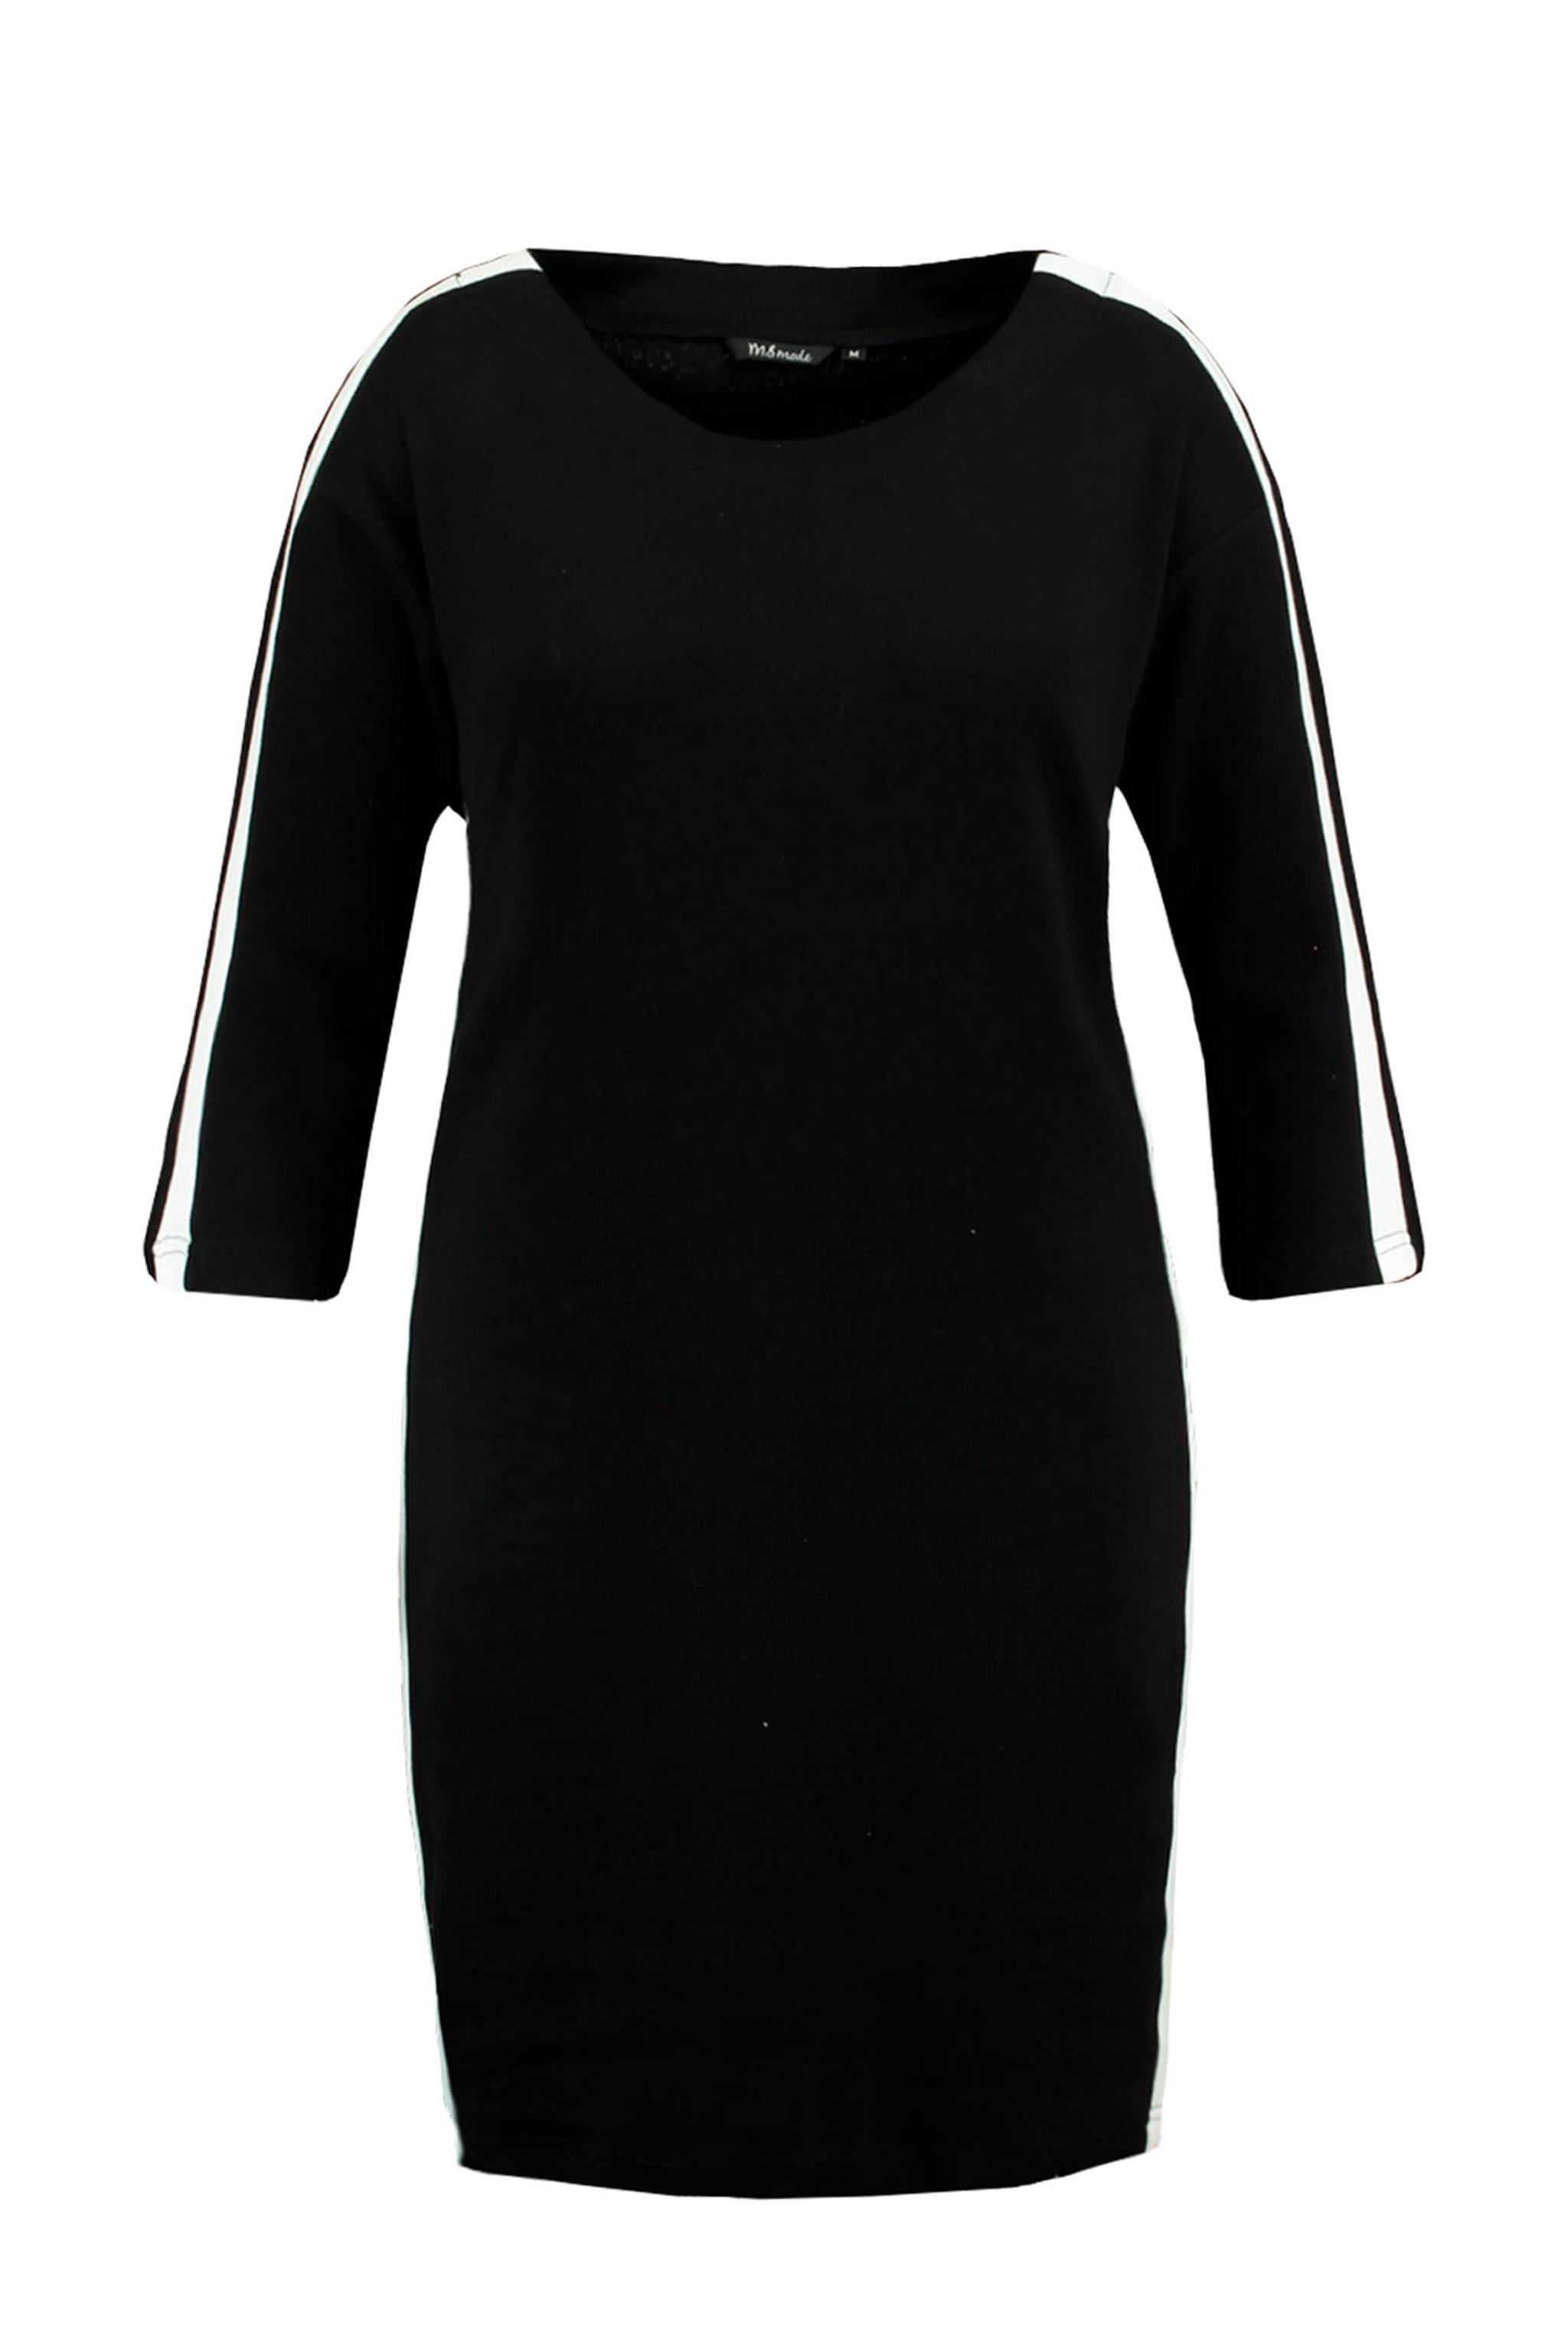 Verwonderlijk MS Mode jurk met zij-streep | wehkamp ZI-67